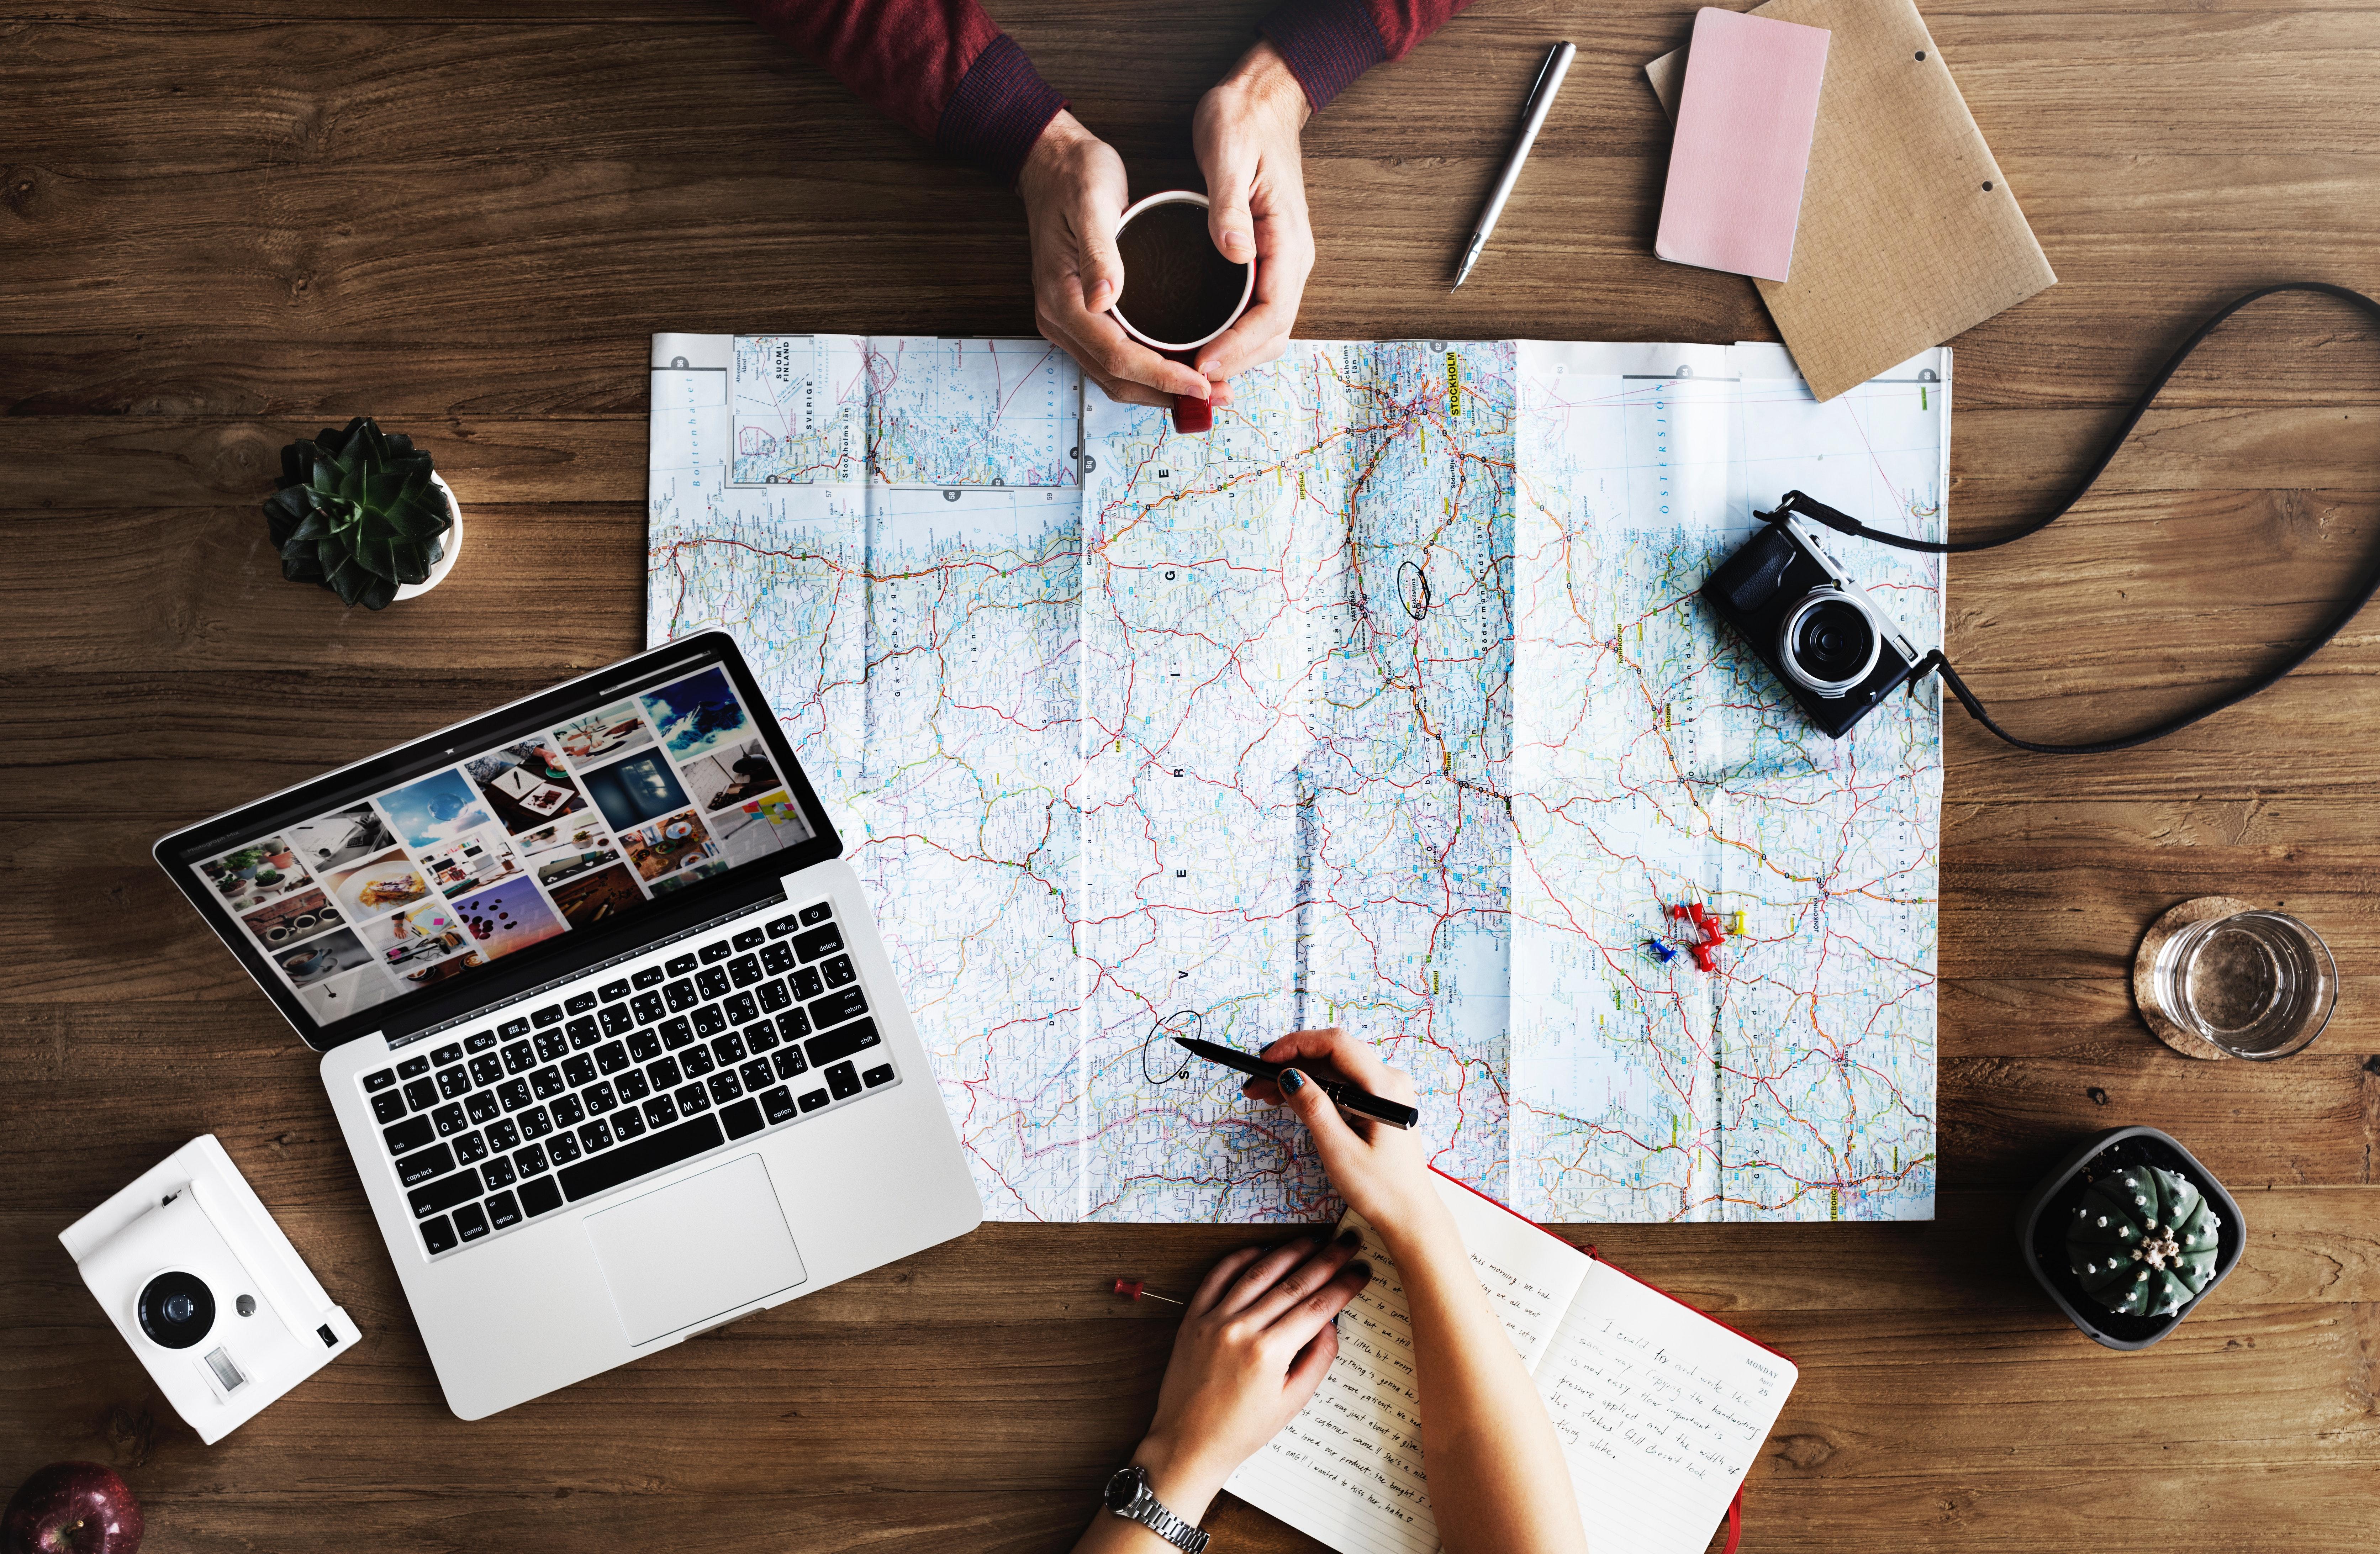 Come scegliere la fotocamera da viaggio: consigli utili e 6 modelli interessanti